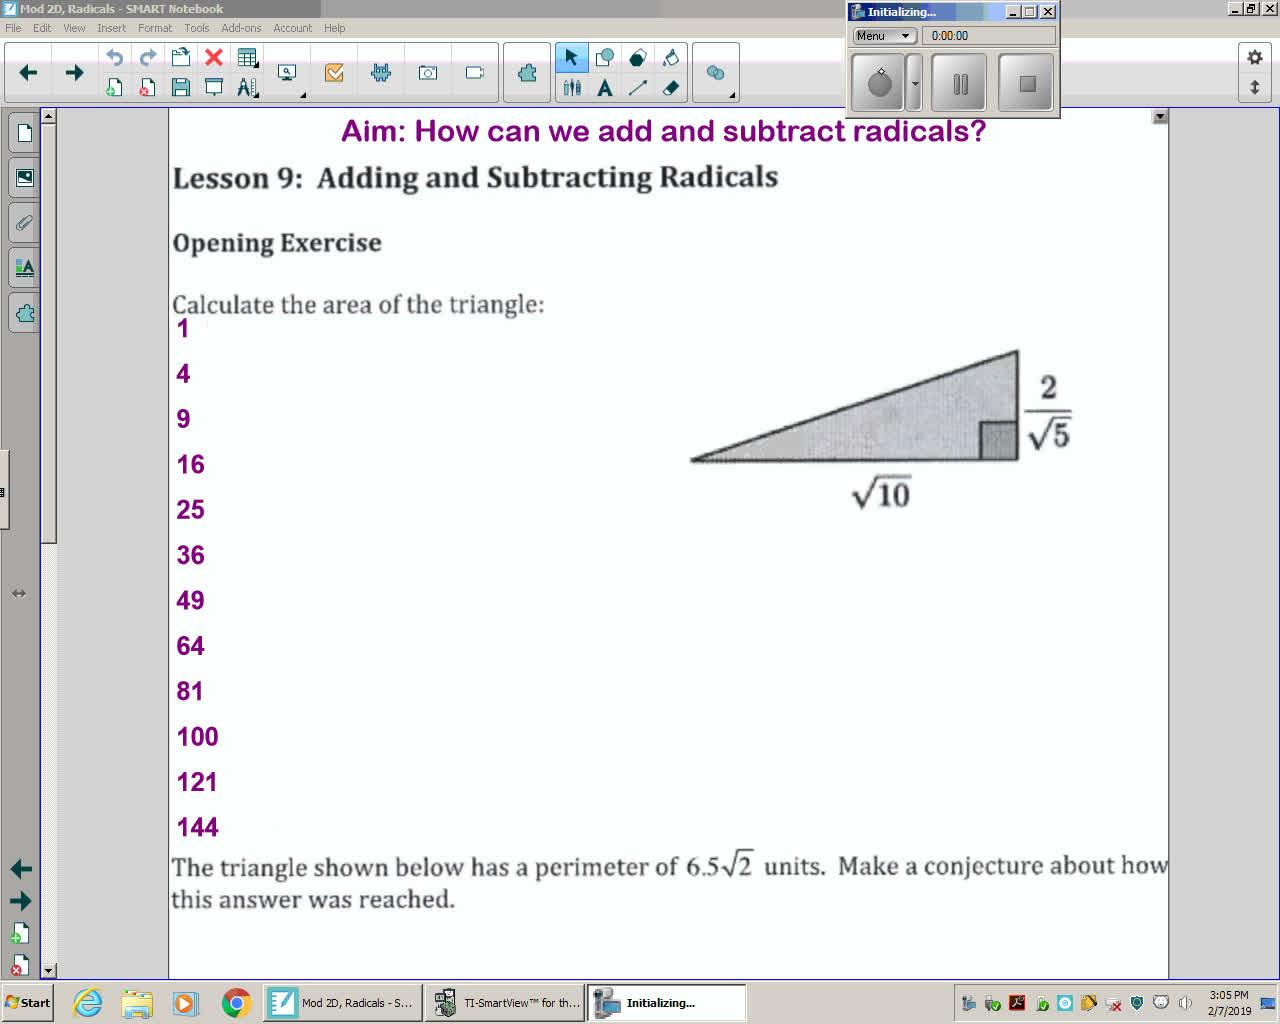 Mod 2D Unit 5 Lesson 9